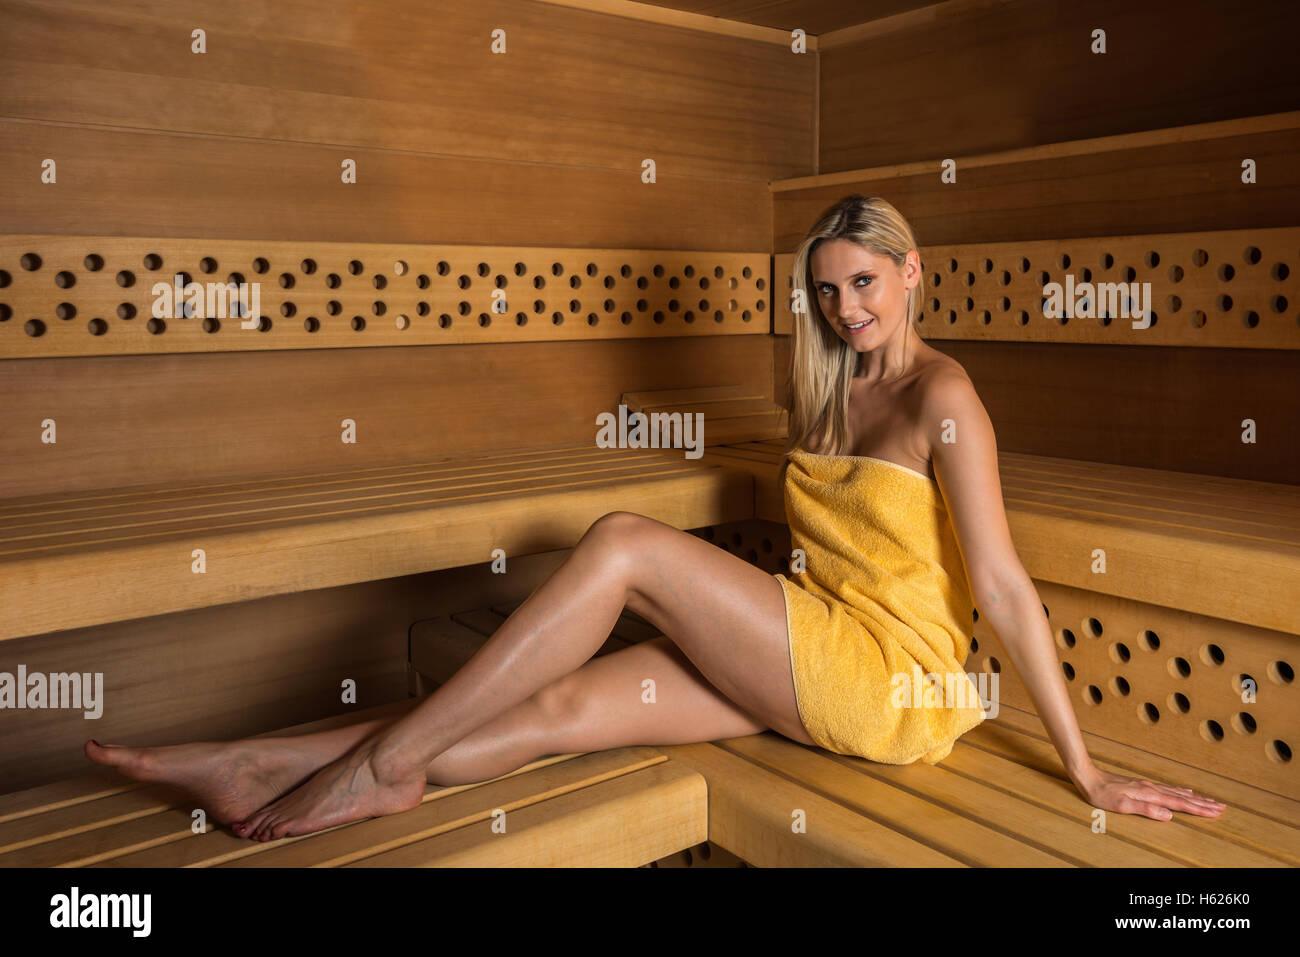 Schöne Frau in der Sauna entspannen Stockfoto, Bild